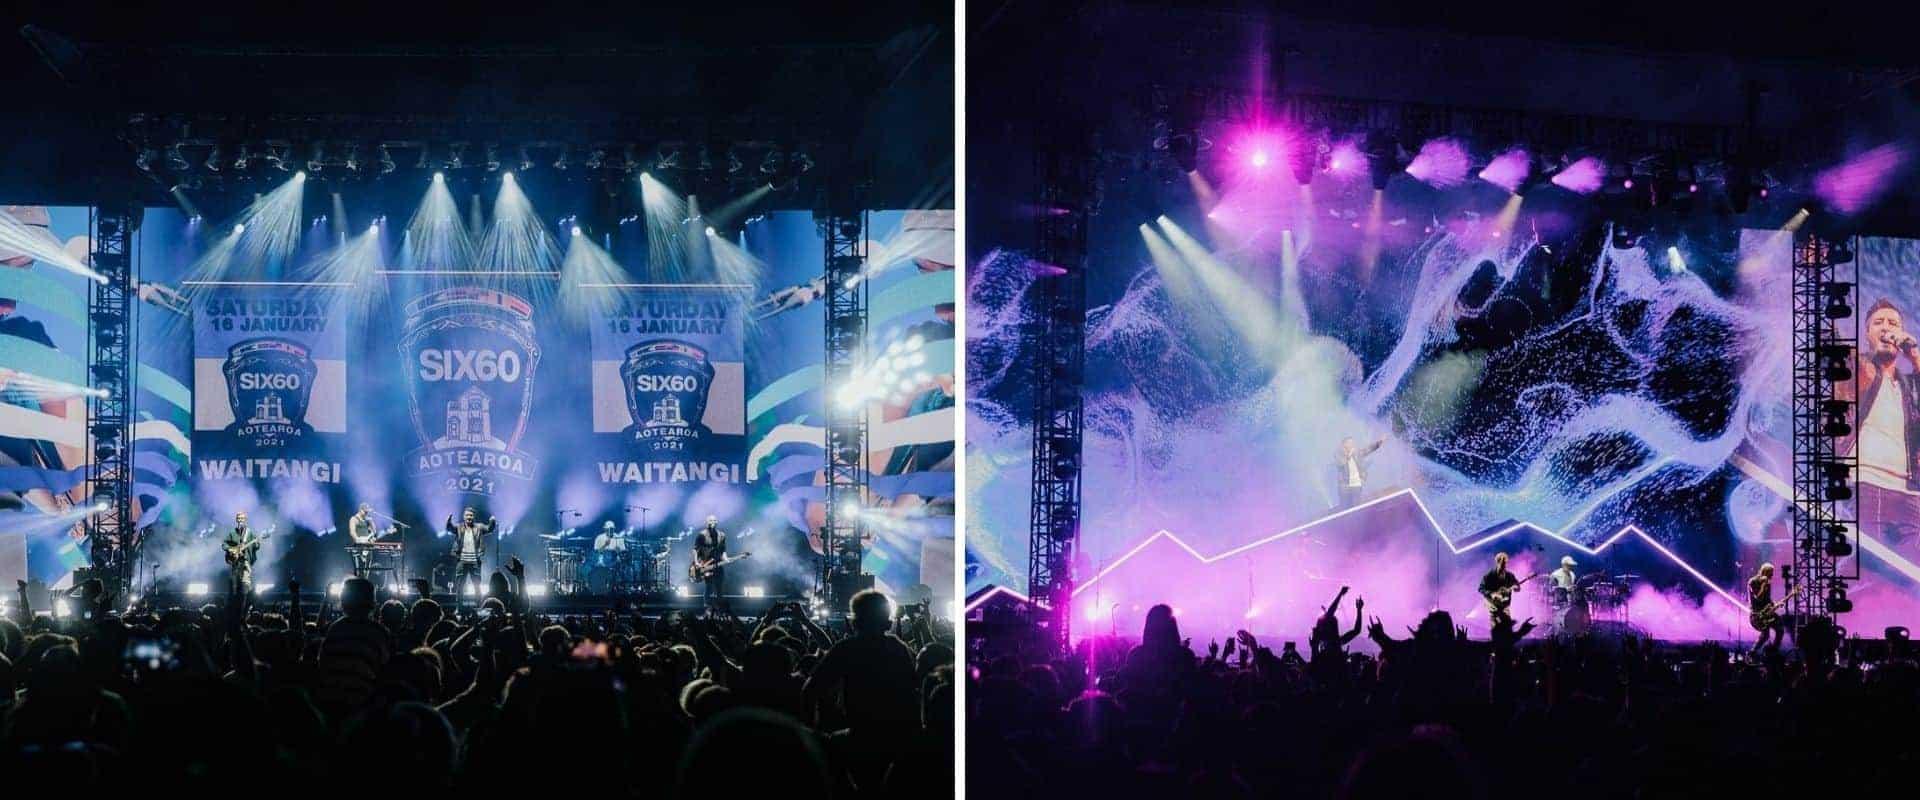 Miles de personas disfrutaron de un concierto al aire libre en Nueva Zelanda